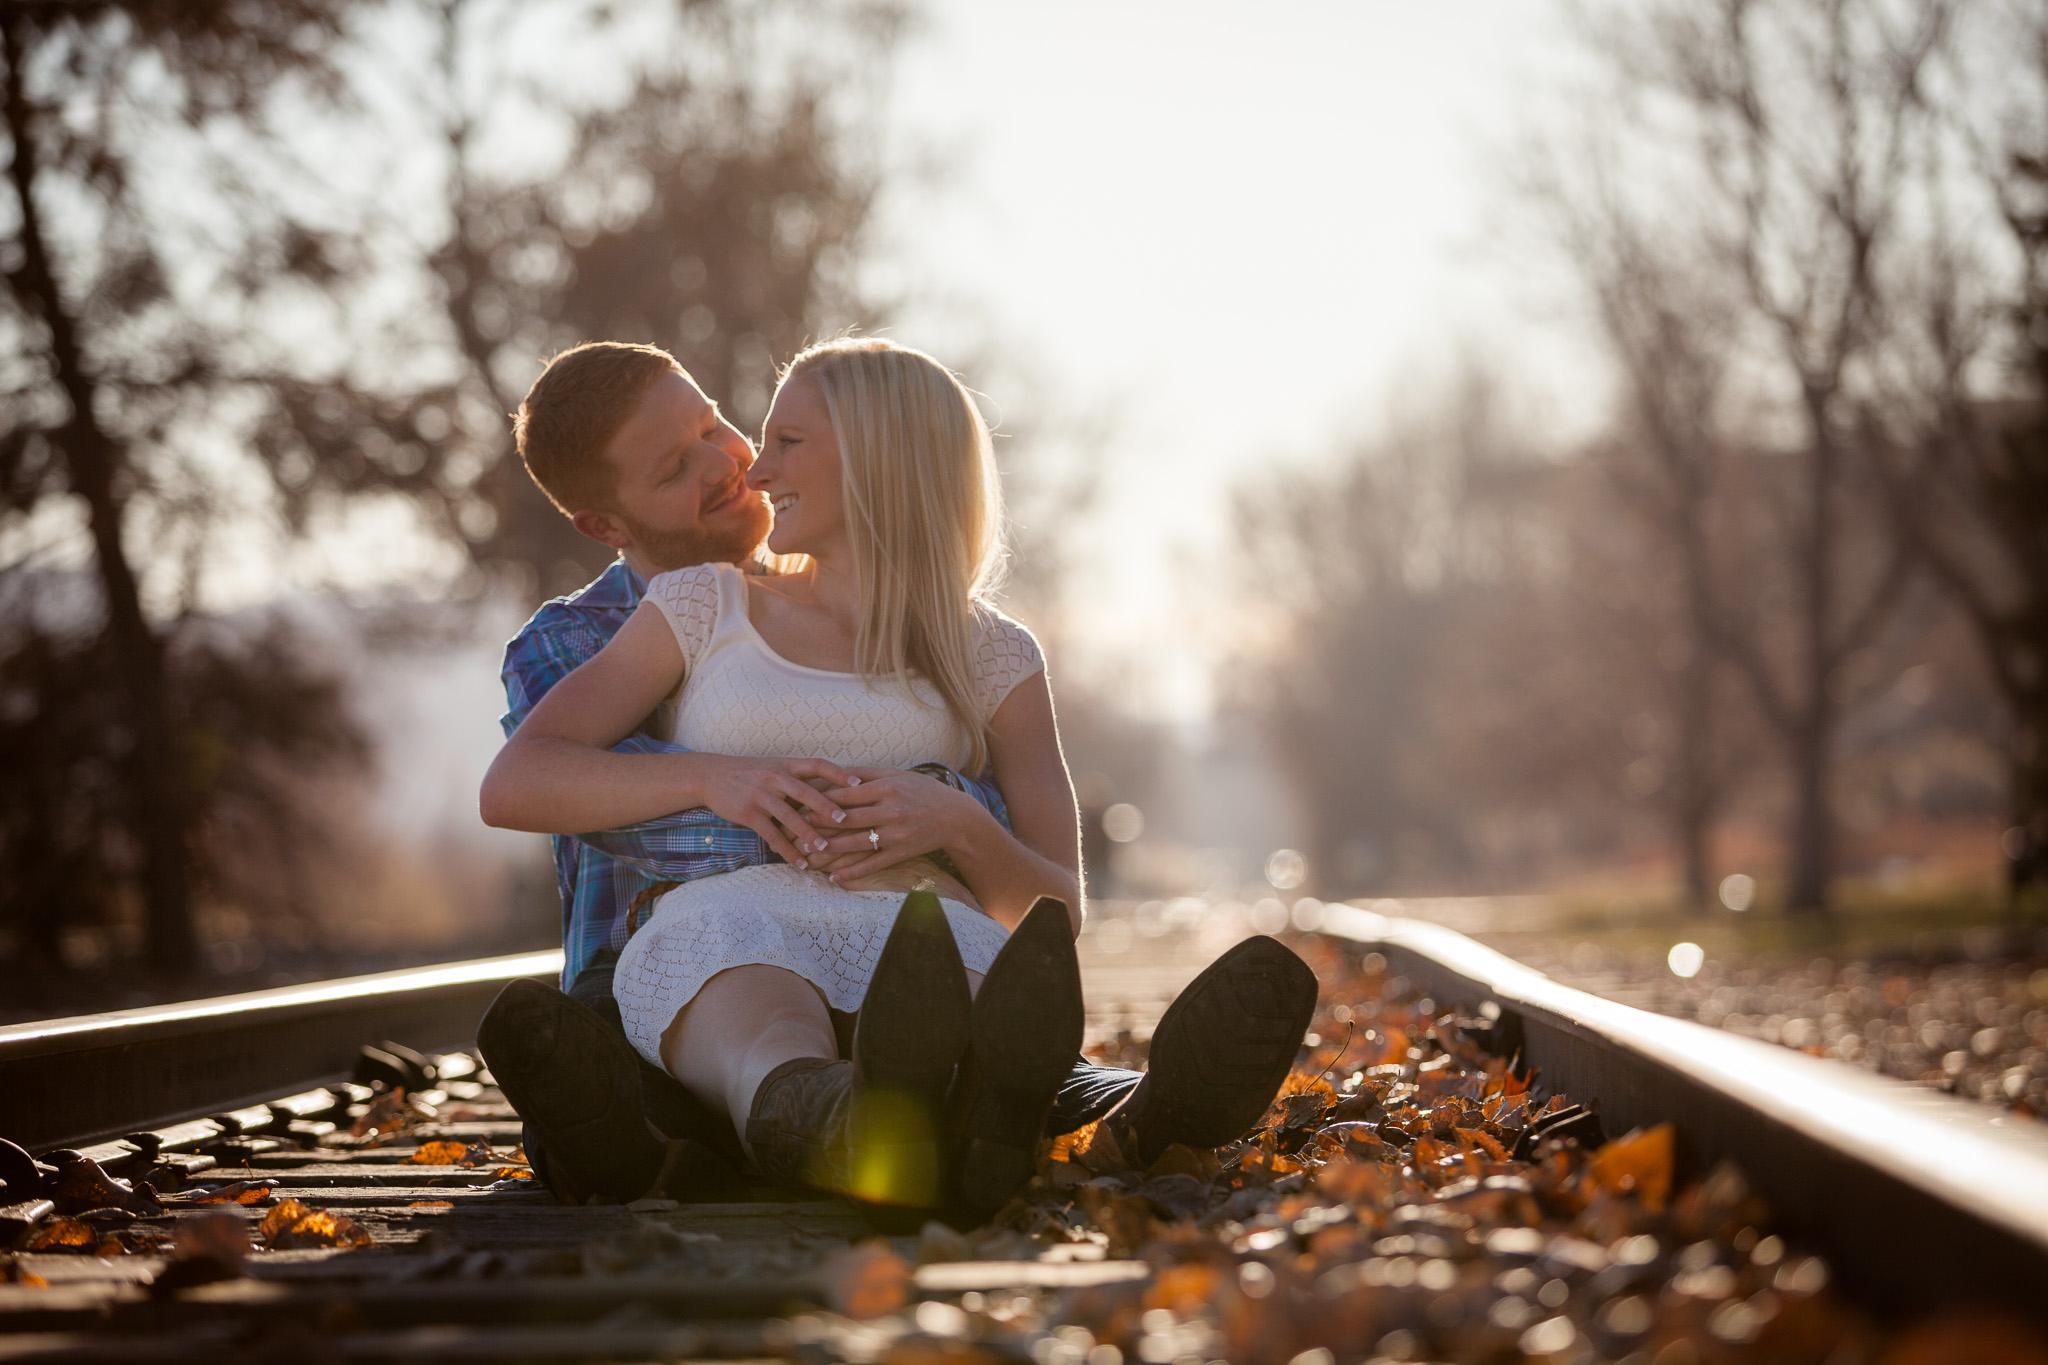 Rachel&SteveEng-YPP TONED-151204-007.jpg